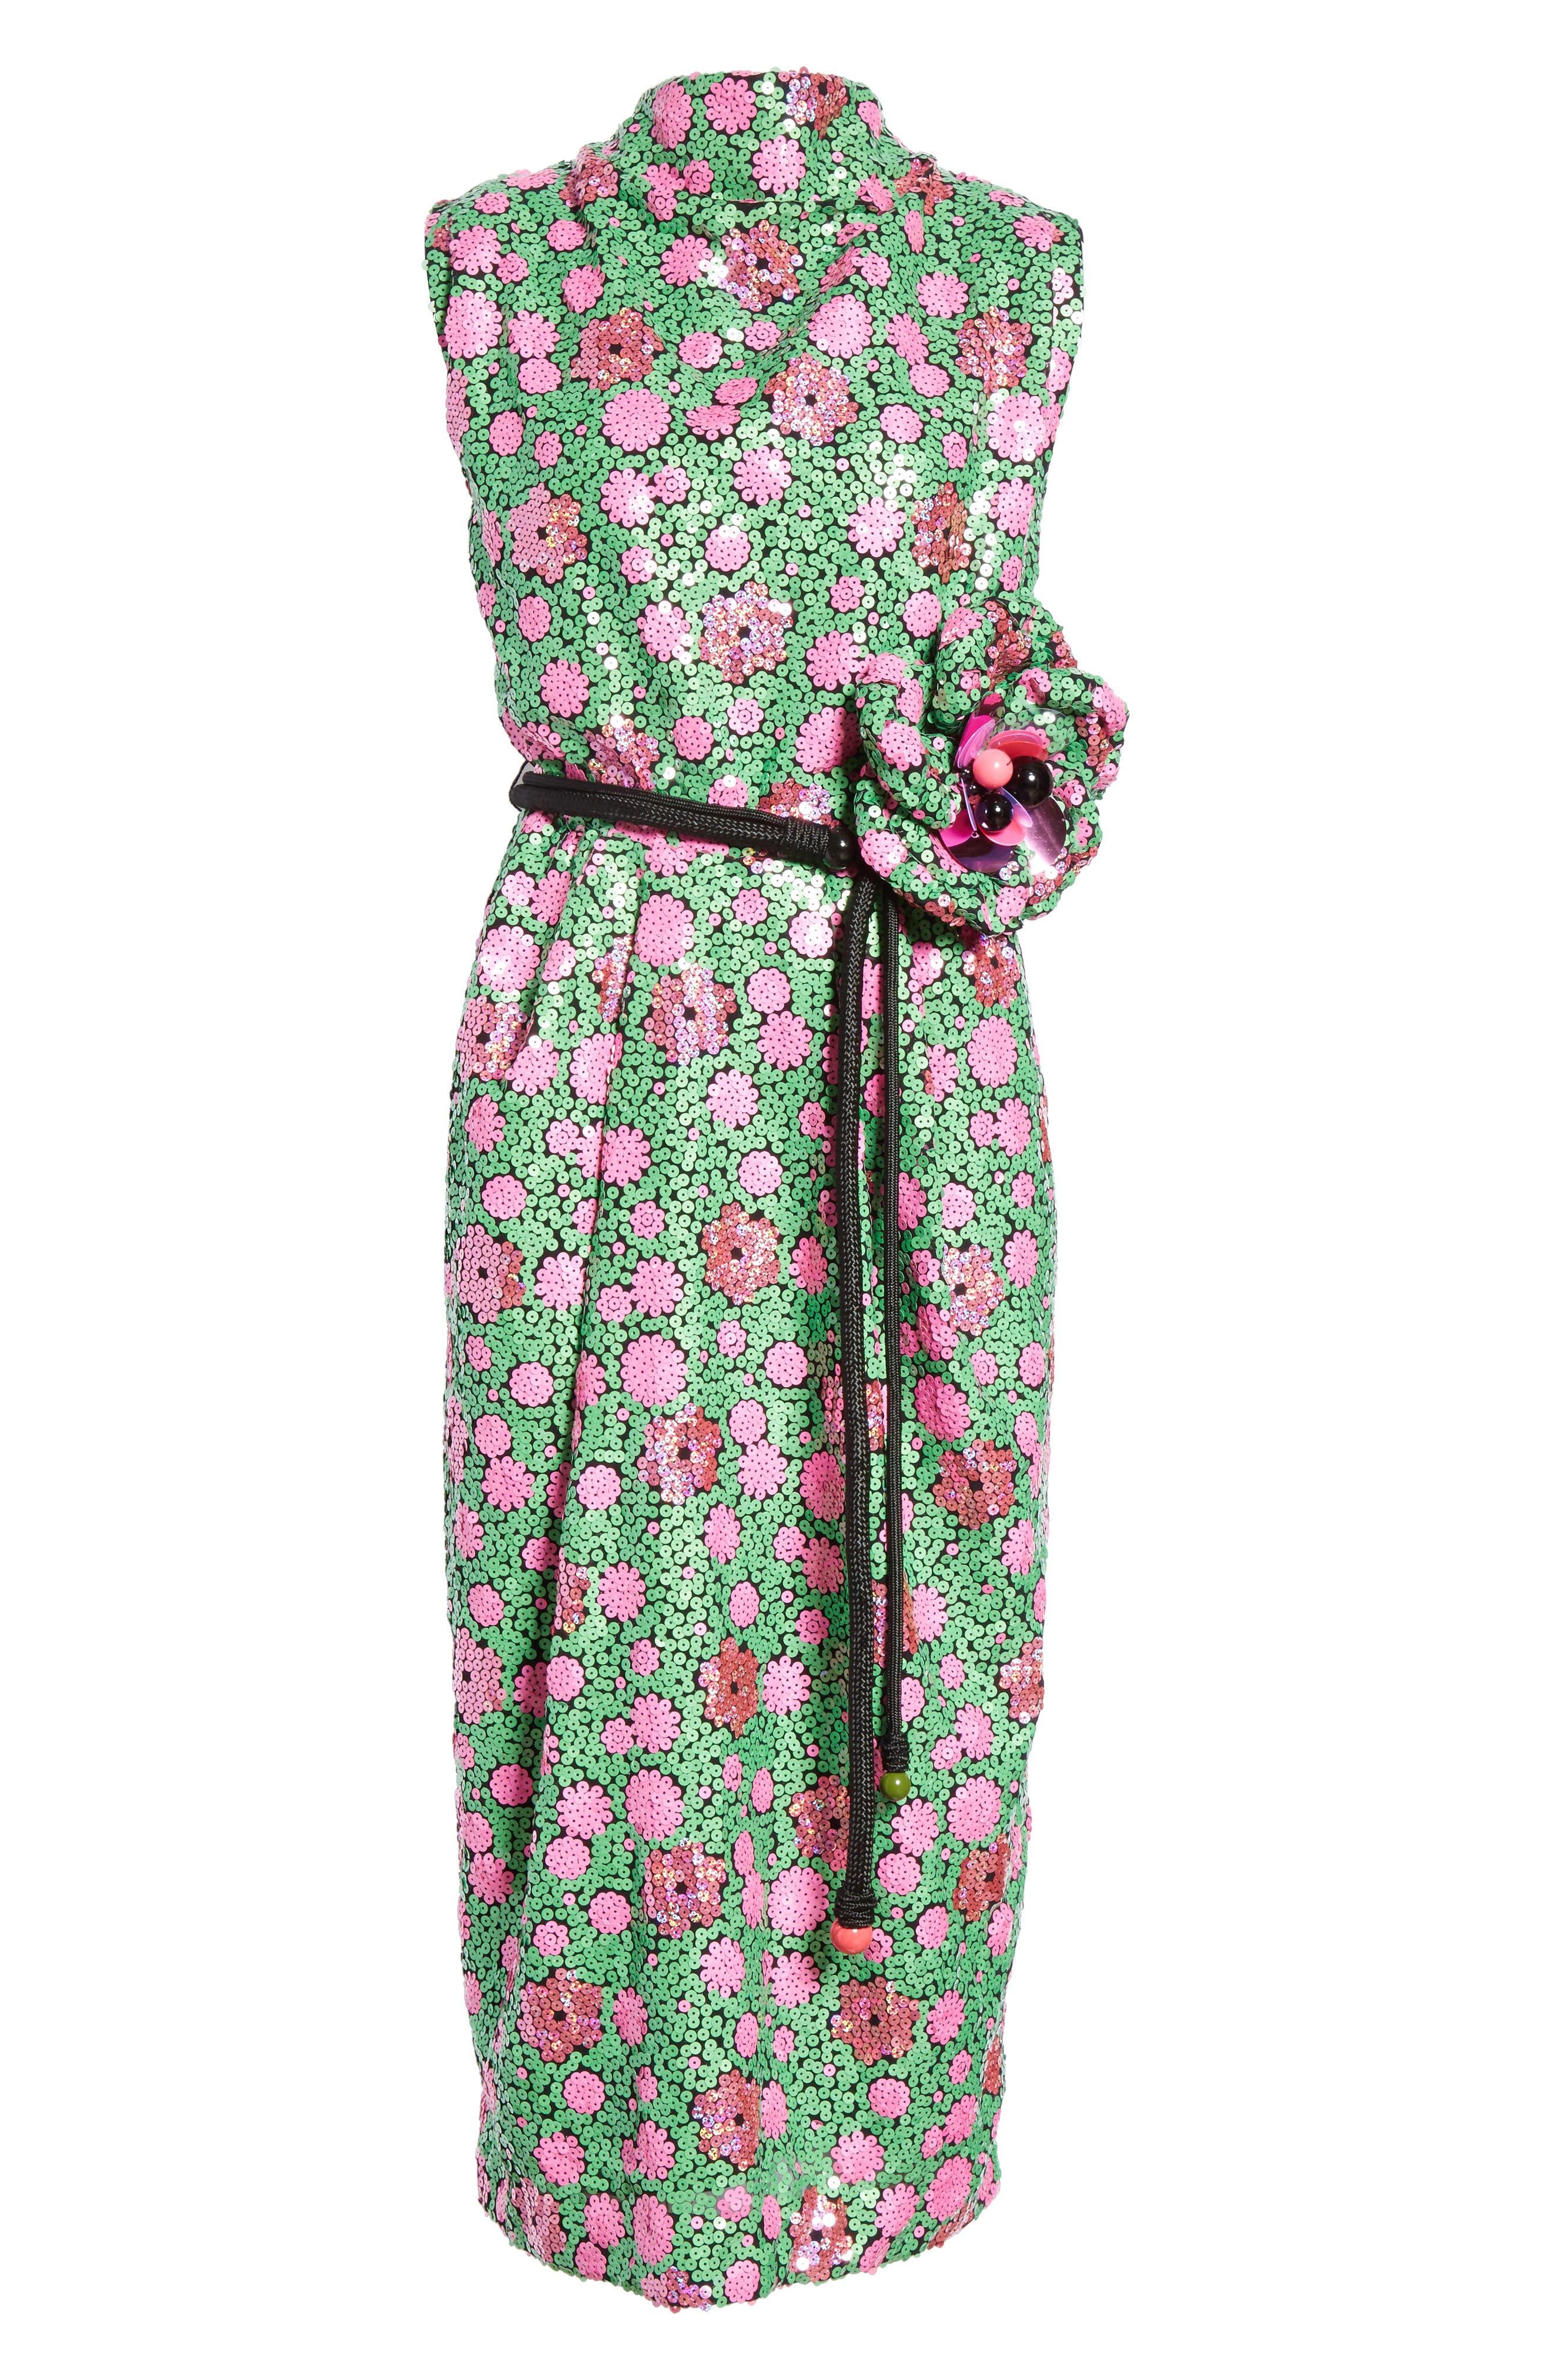 Floral Sequin Midi dress,                             Alternate thumbnail 6, color,                             300